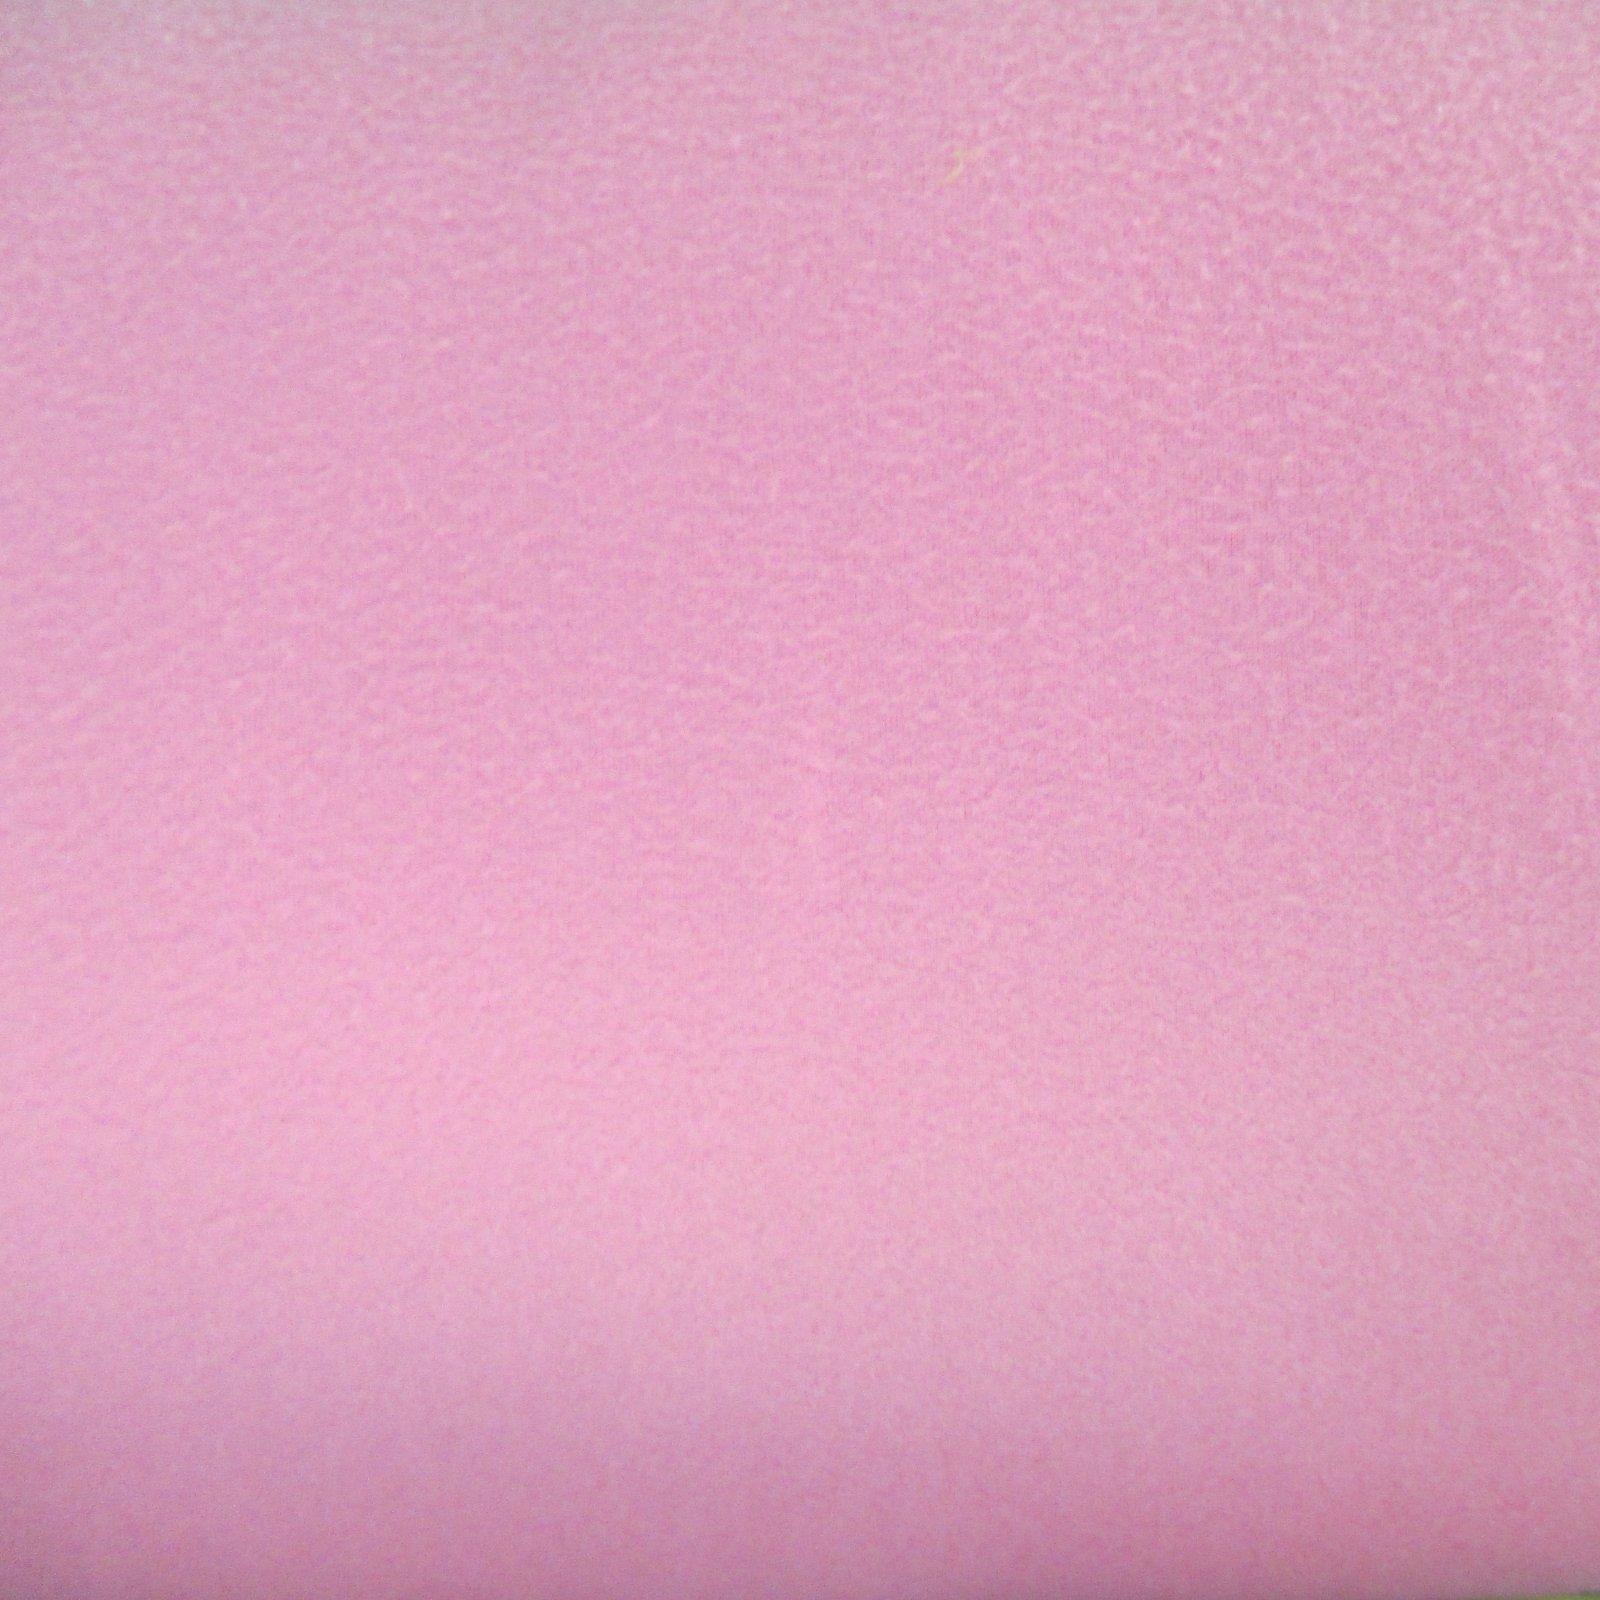 Solid Pink Fleece